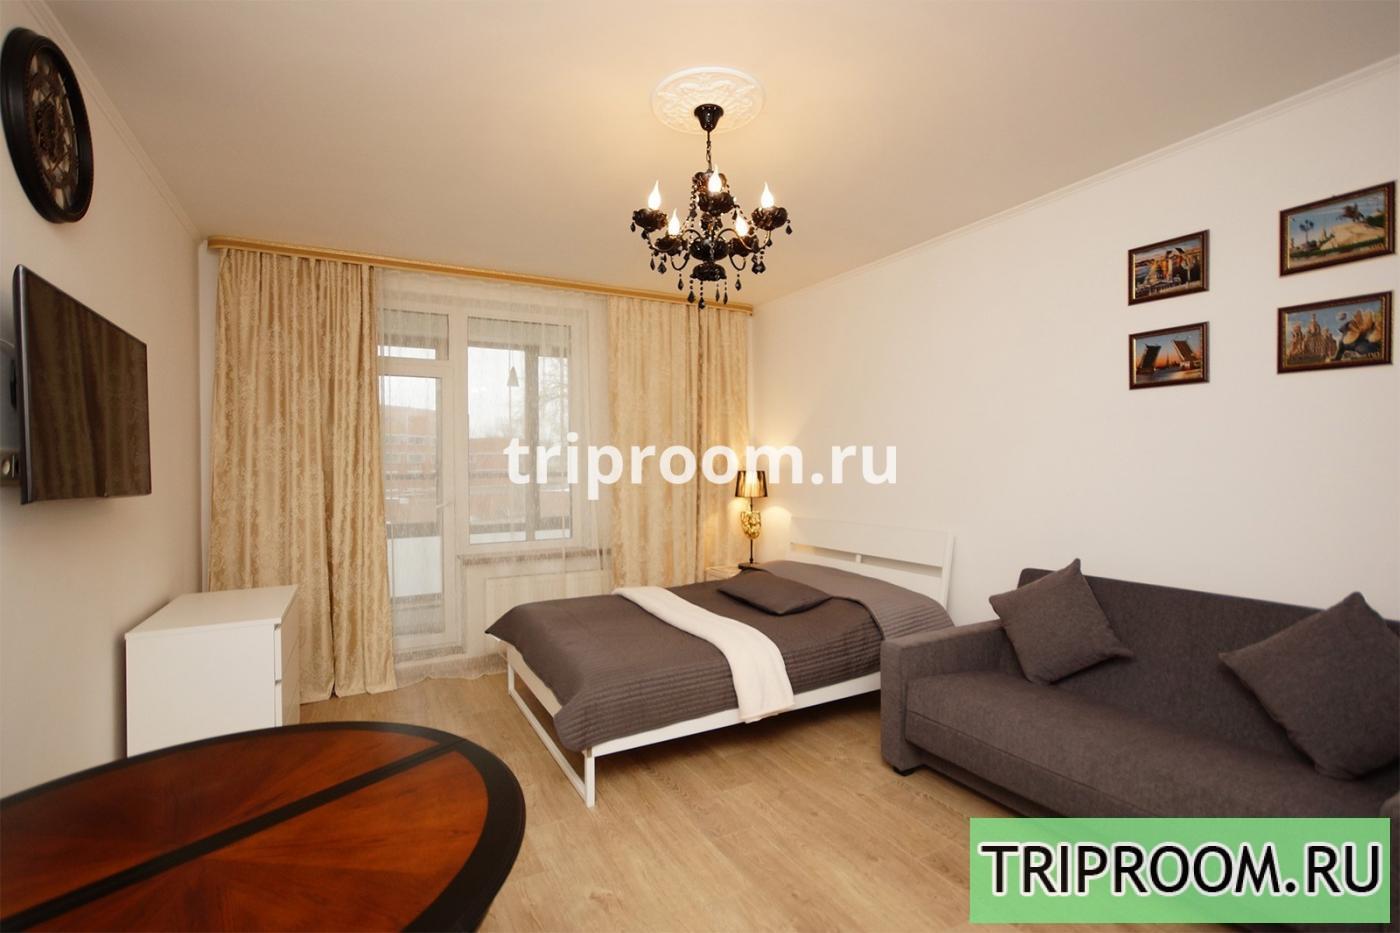 1-комнатная квартира посуточно (вариант № 17278), ул. Полтавский проезд, фото № 1